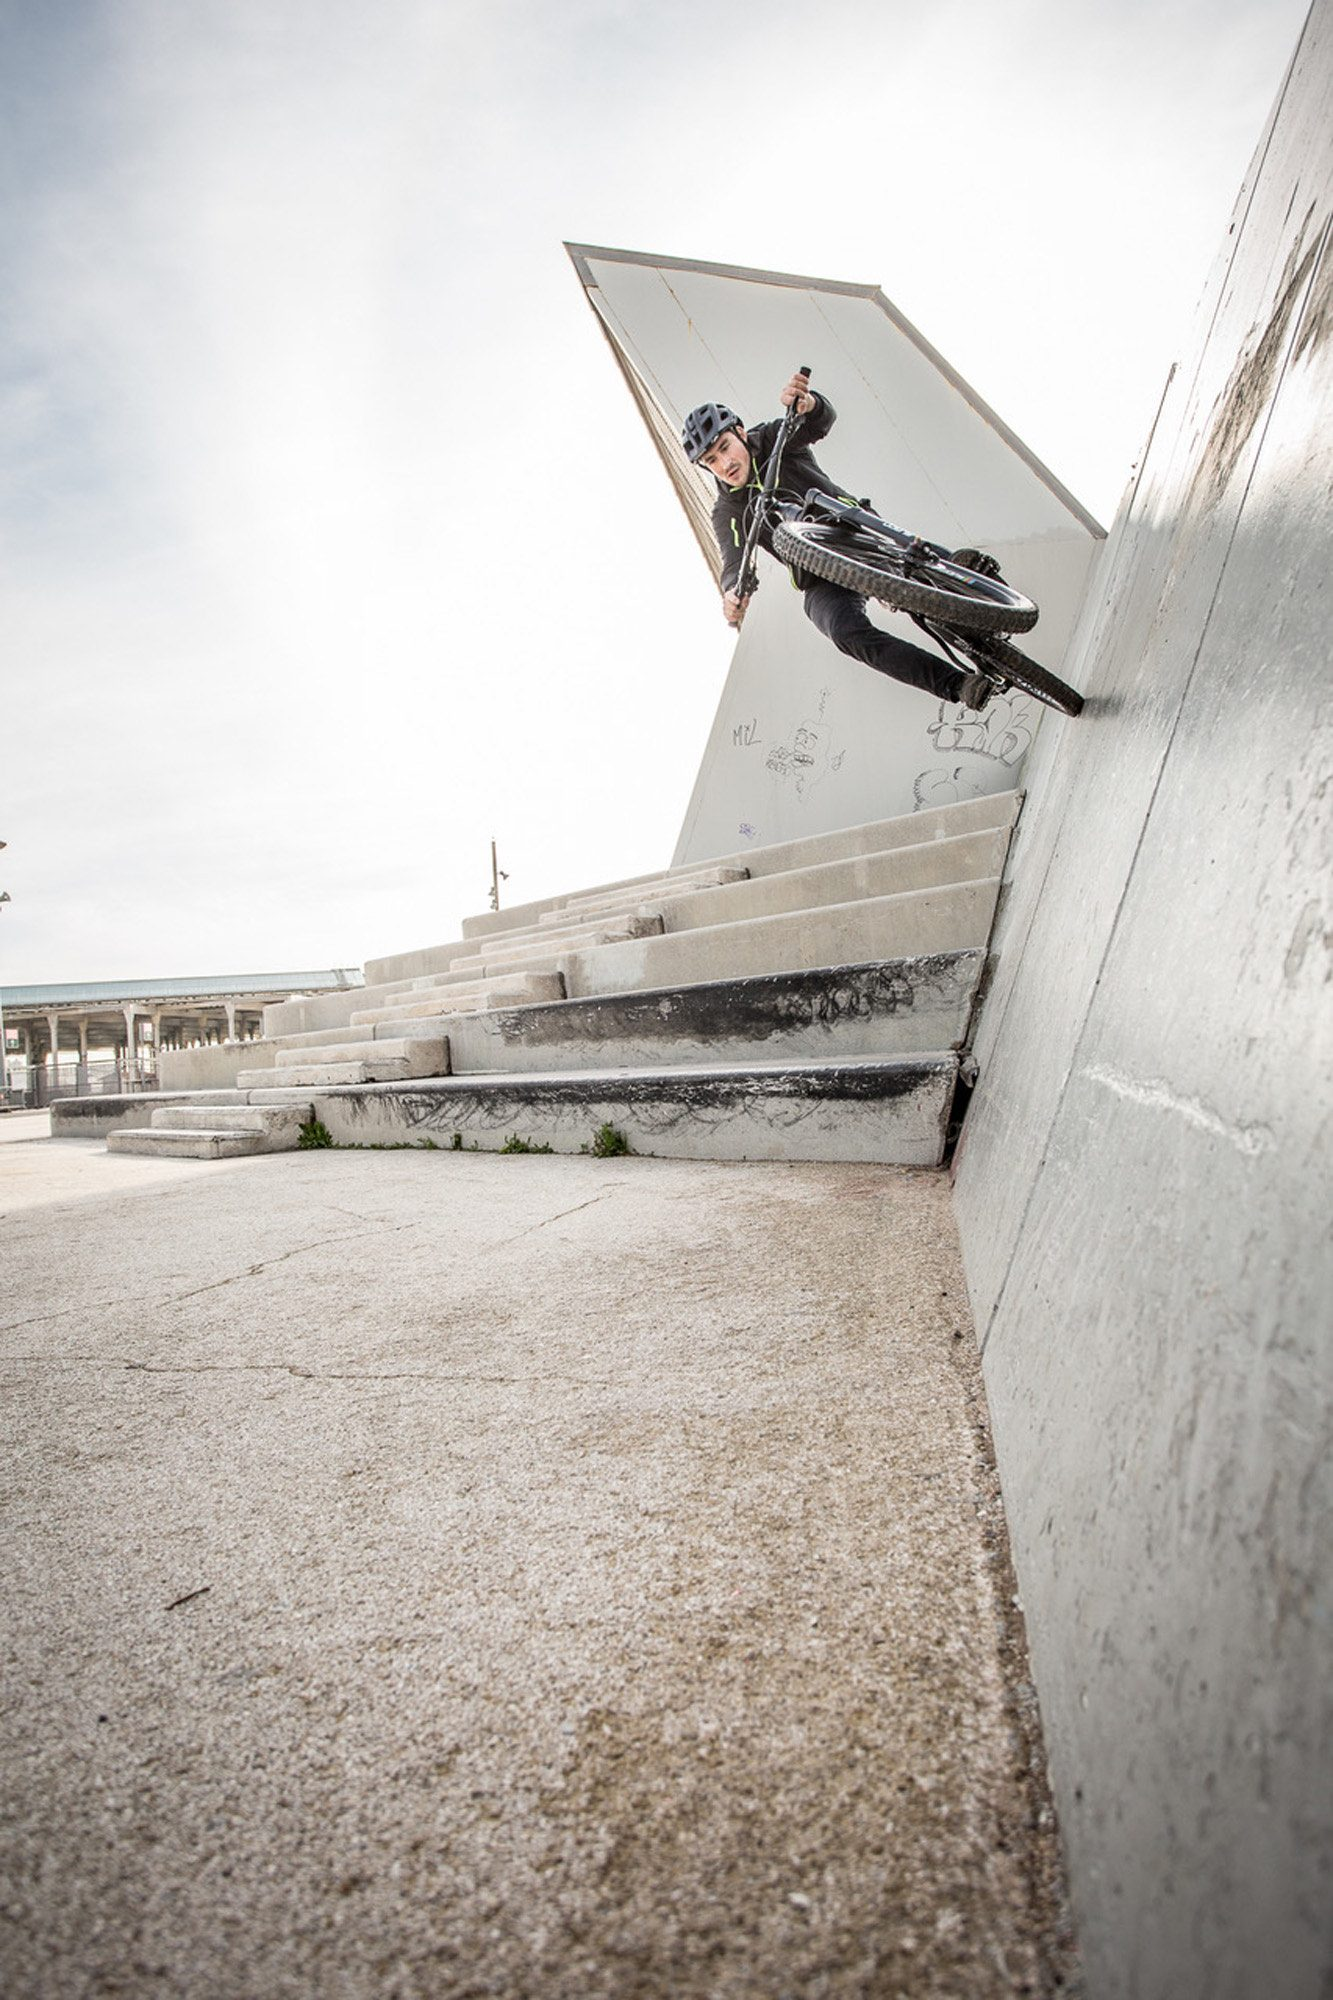 Dominik Raab springt mit dem Mountainbike gegen eine Wand